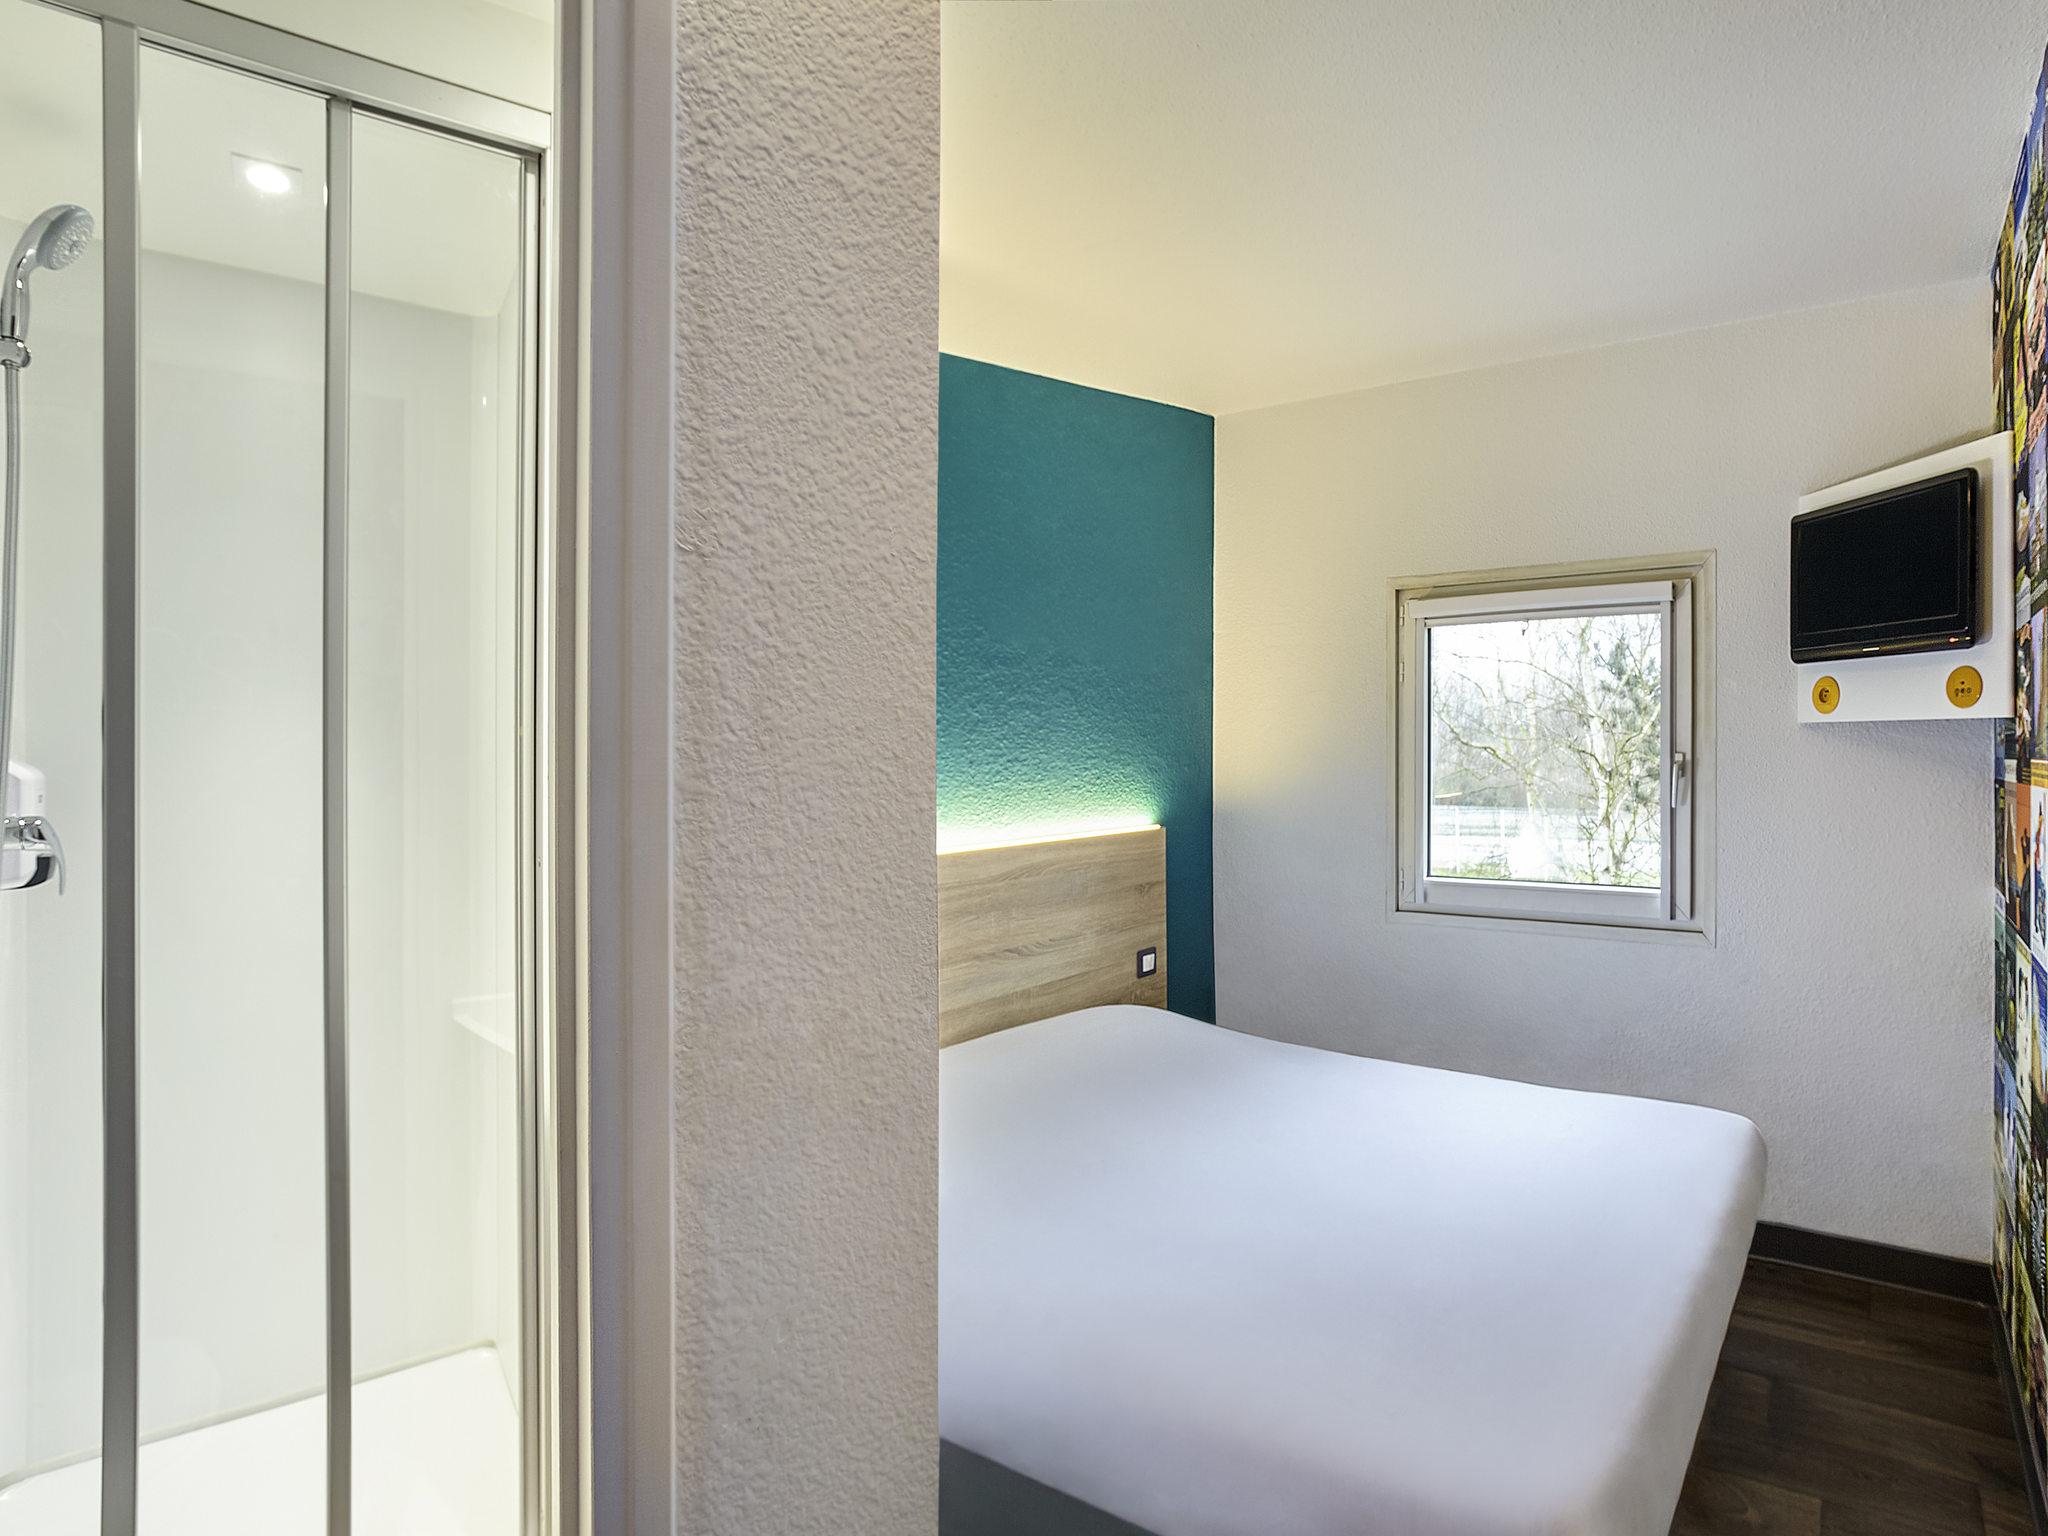 โรงแรม – hotelF1 Nice Villeneuve-Loubet (rénové)